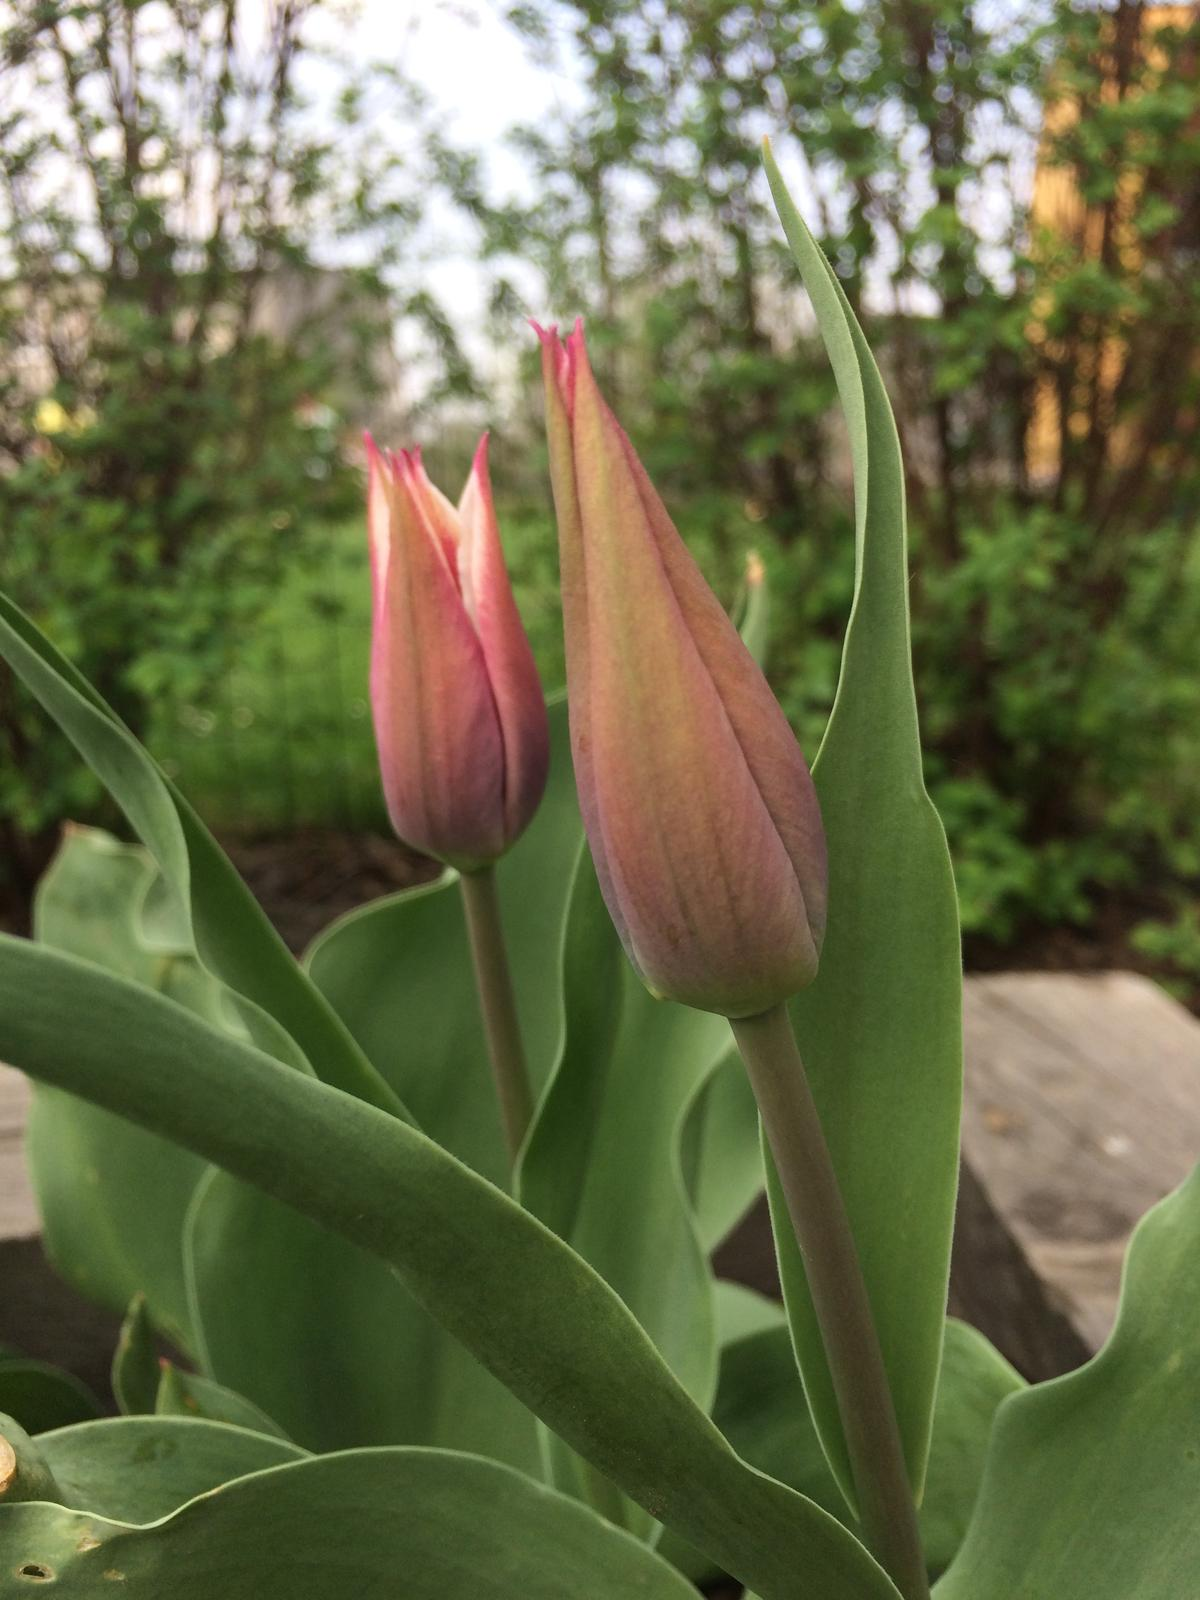 """Zahrada 2018 - první tulipány .....na podzim jsem poprosila muže o zrytí krajního zahonku...ještě mu říkám ať to nesplete, že v tom druhém mám tulipány......no zryl to, zryl """"na jedničku"""" 😁 tulipánů asi letos moc nebude"""